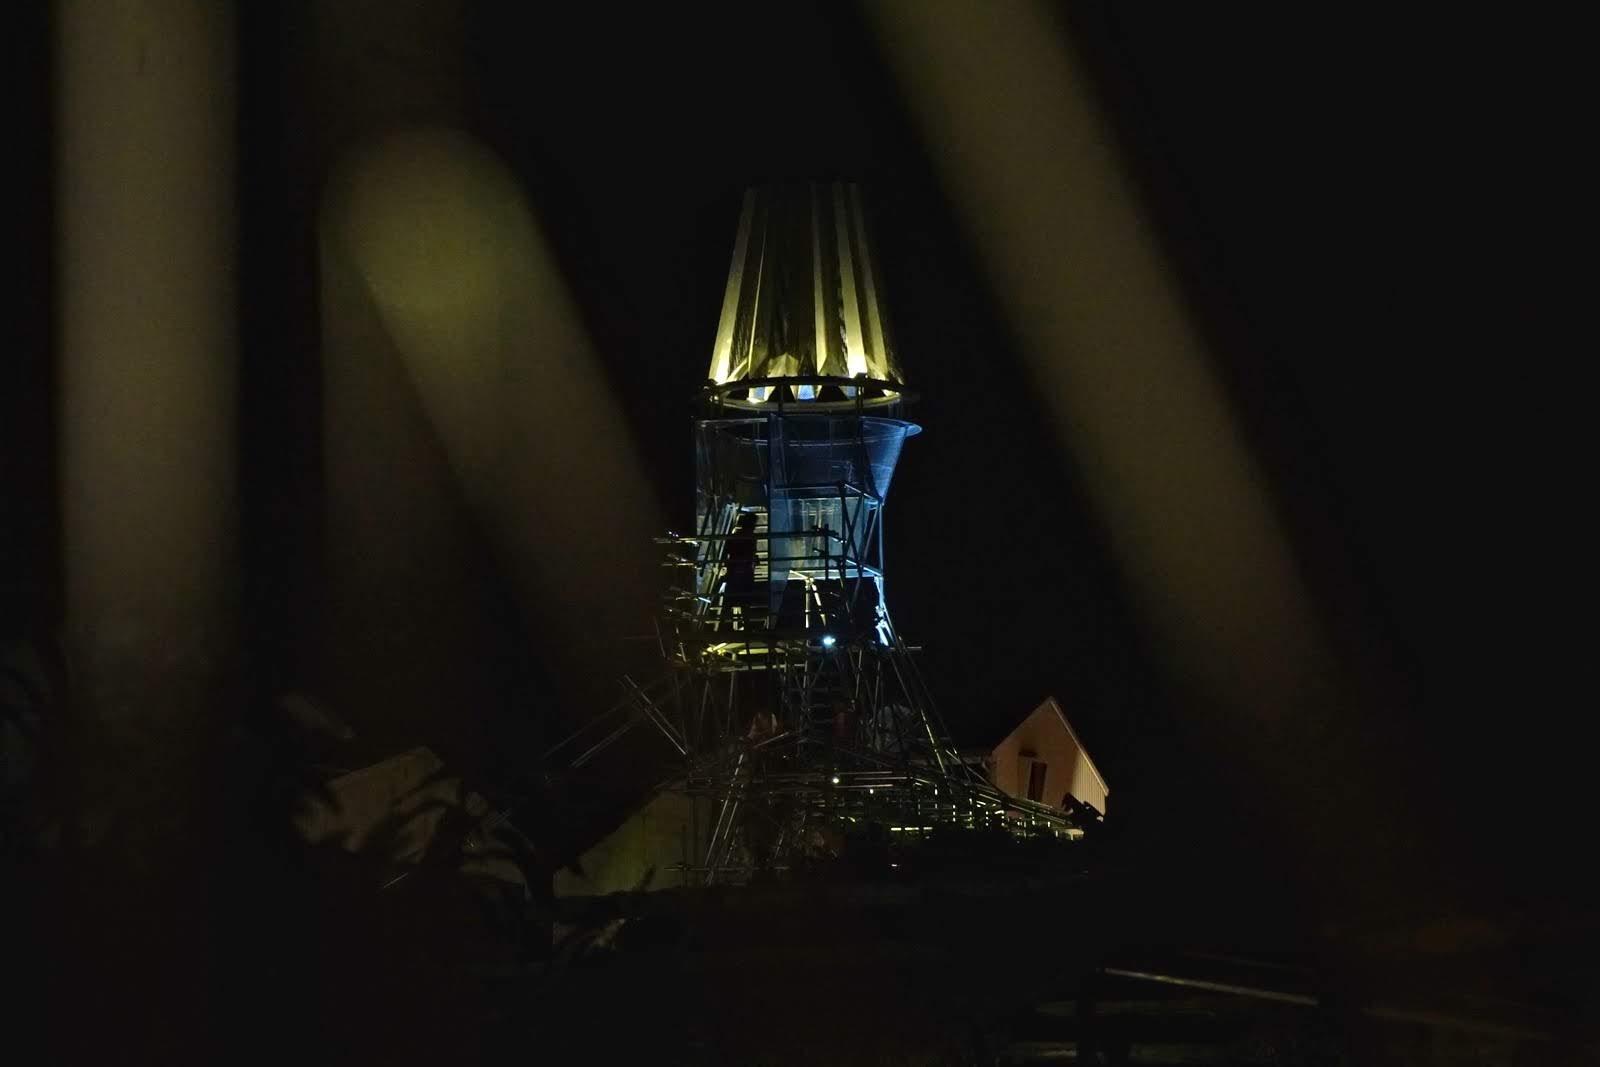 [台南][鹽水區] 2019月之美術館~秋季展|月之光城|全攻略懶人包|遊記